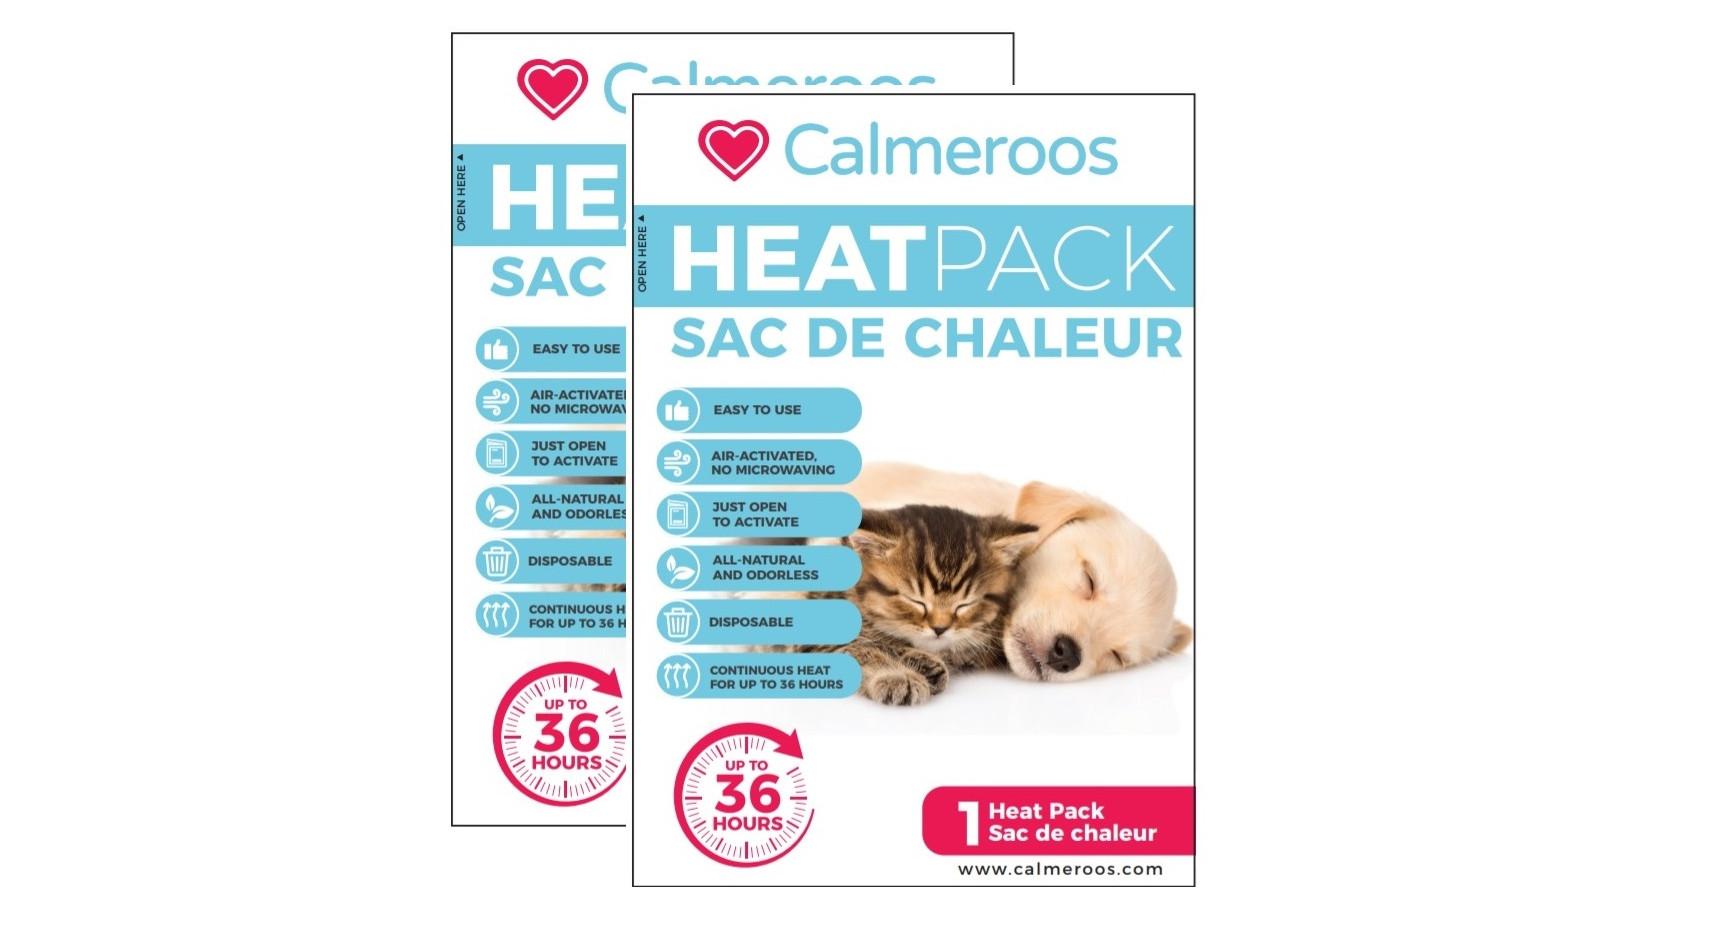 Calmeroos heat packs